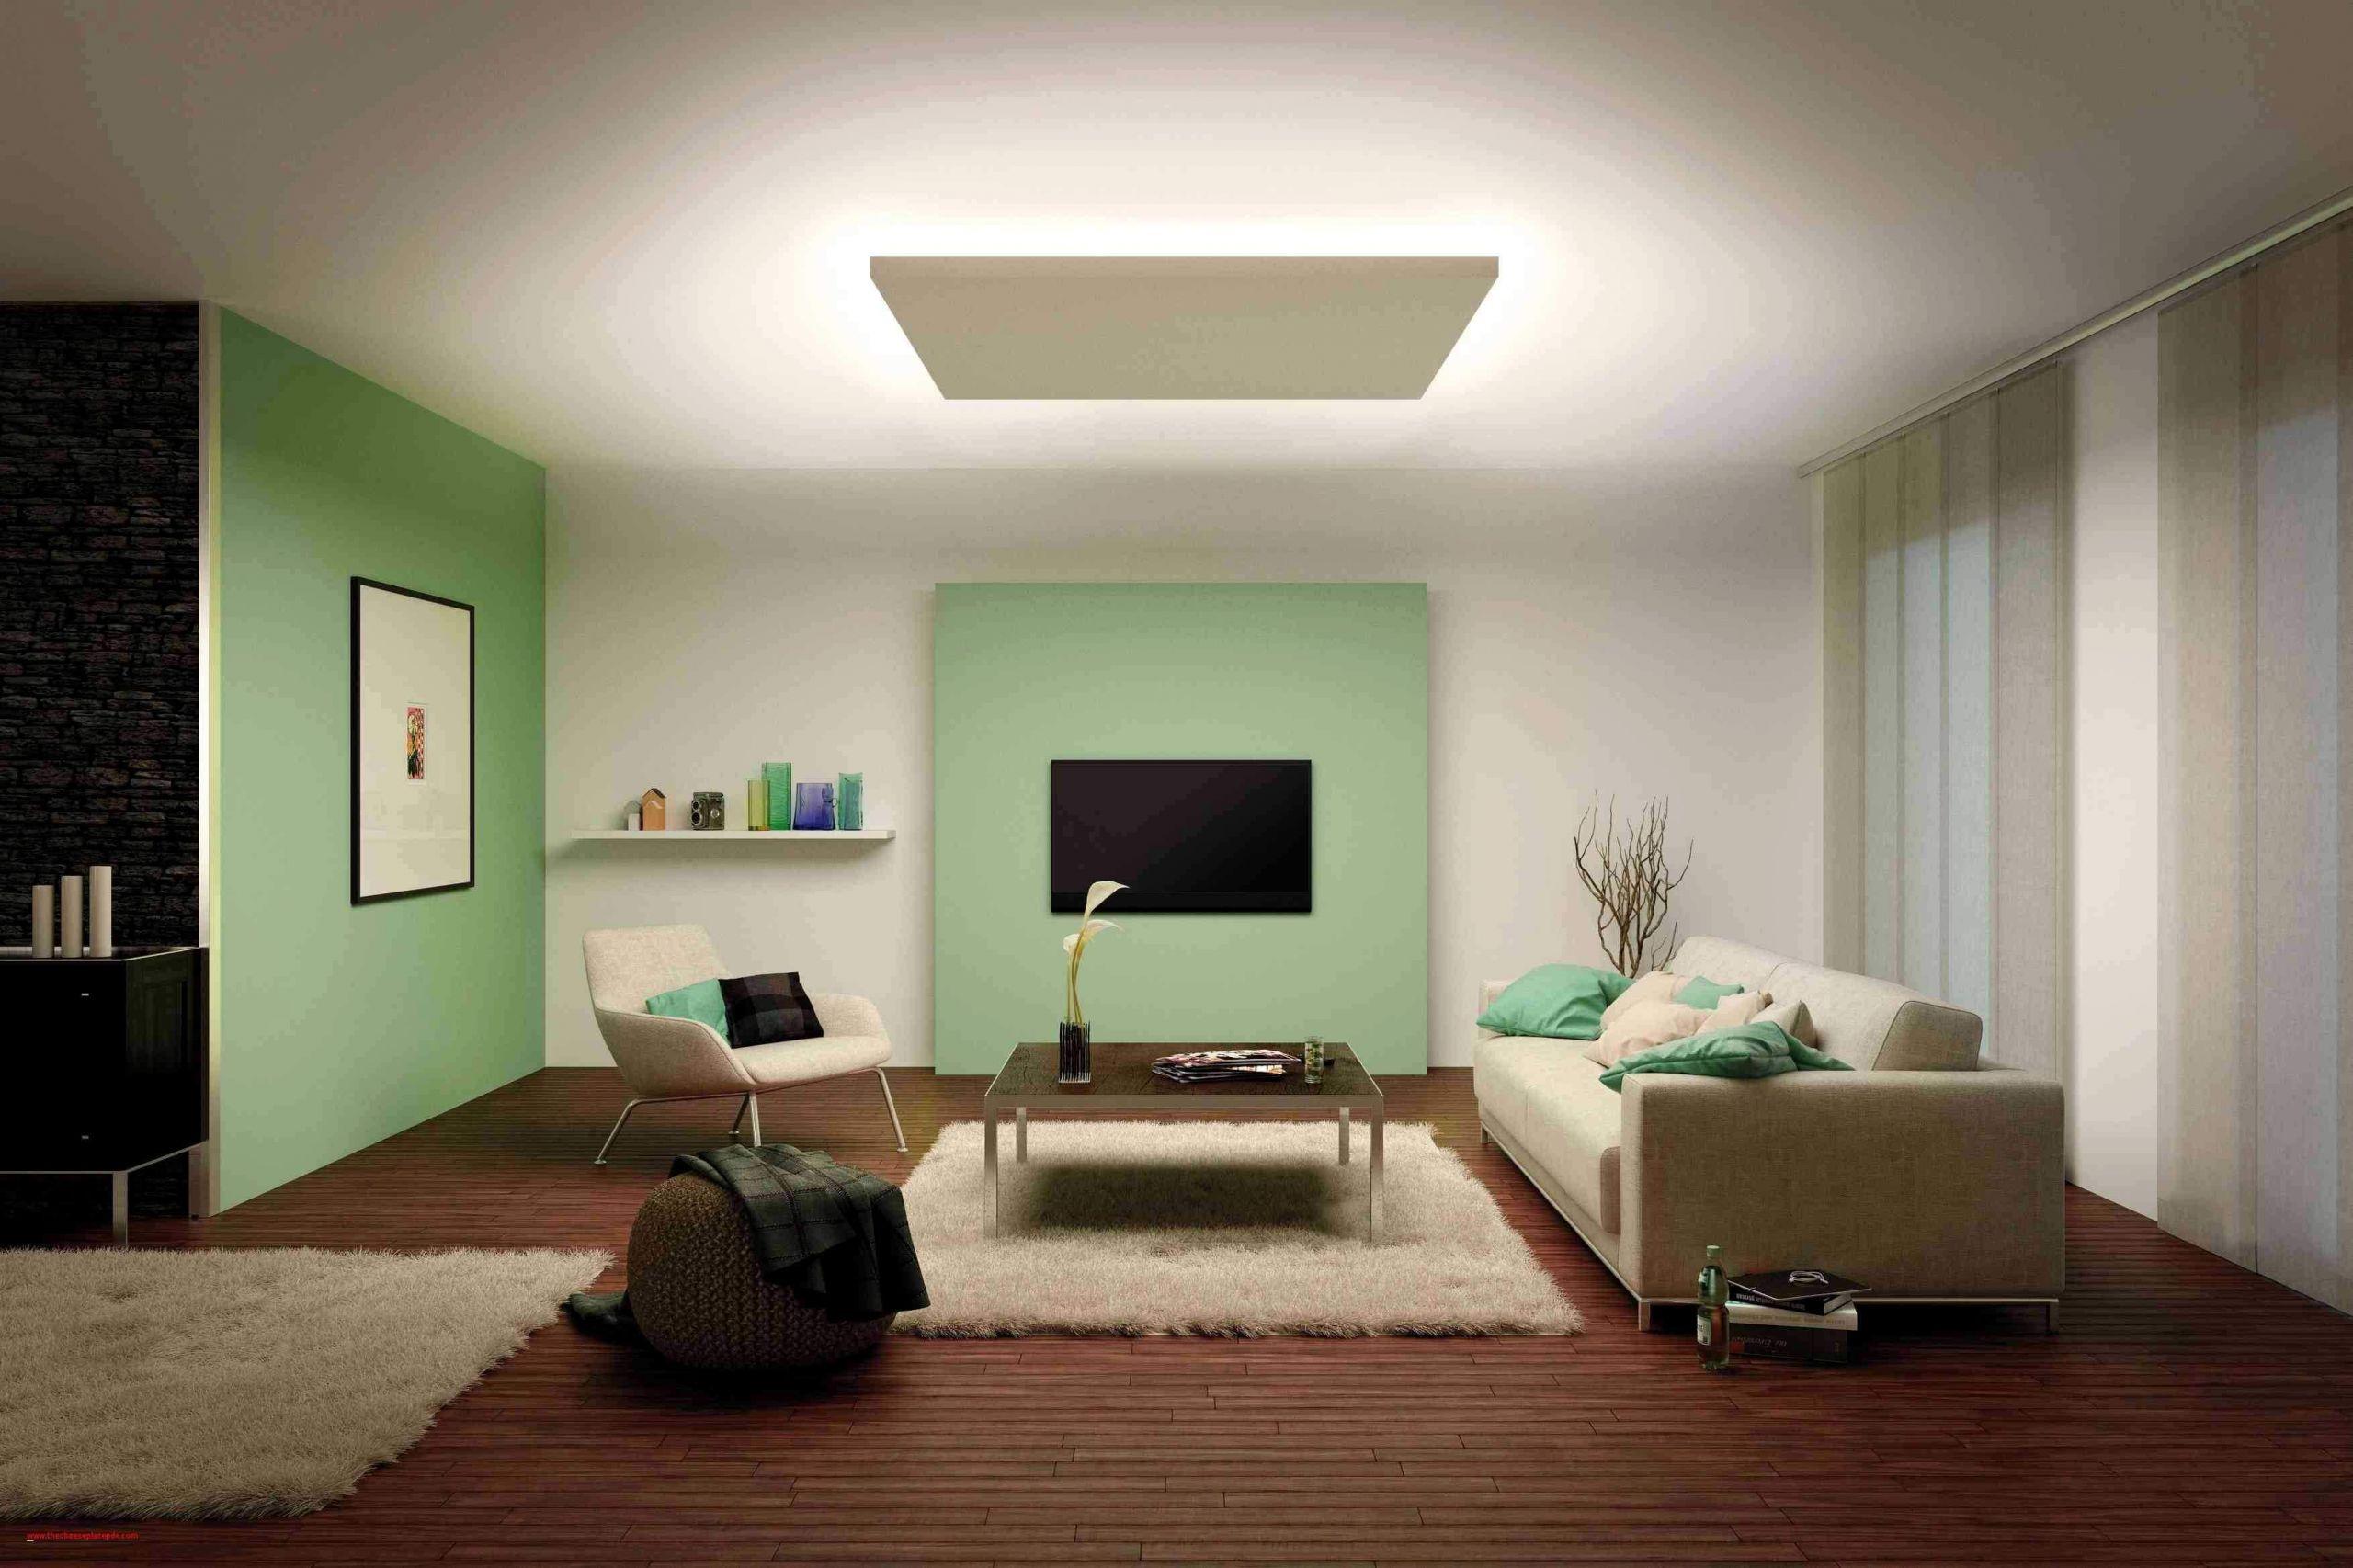 wohnzimmer licht schon wohnzimmer licht einzigartig wohnzimmer lampen design 0d of wohnzimmer licht